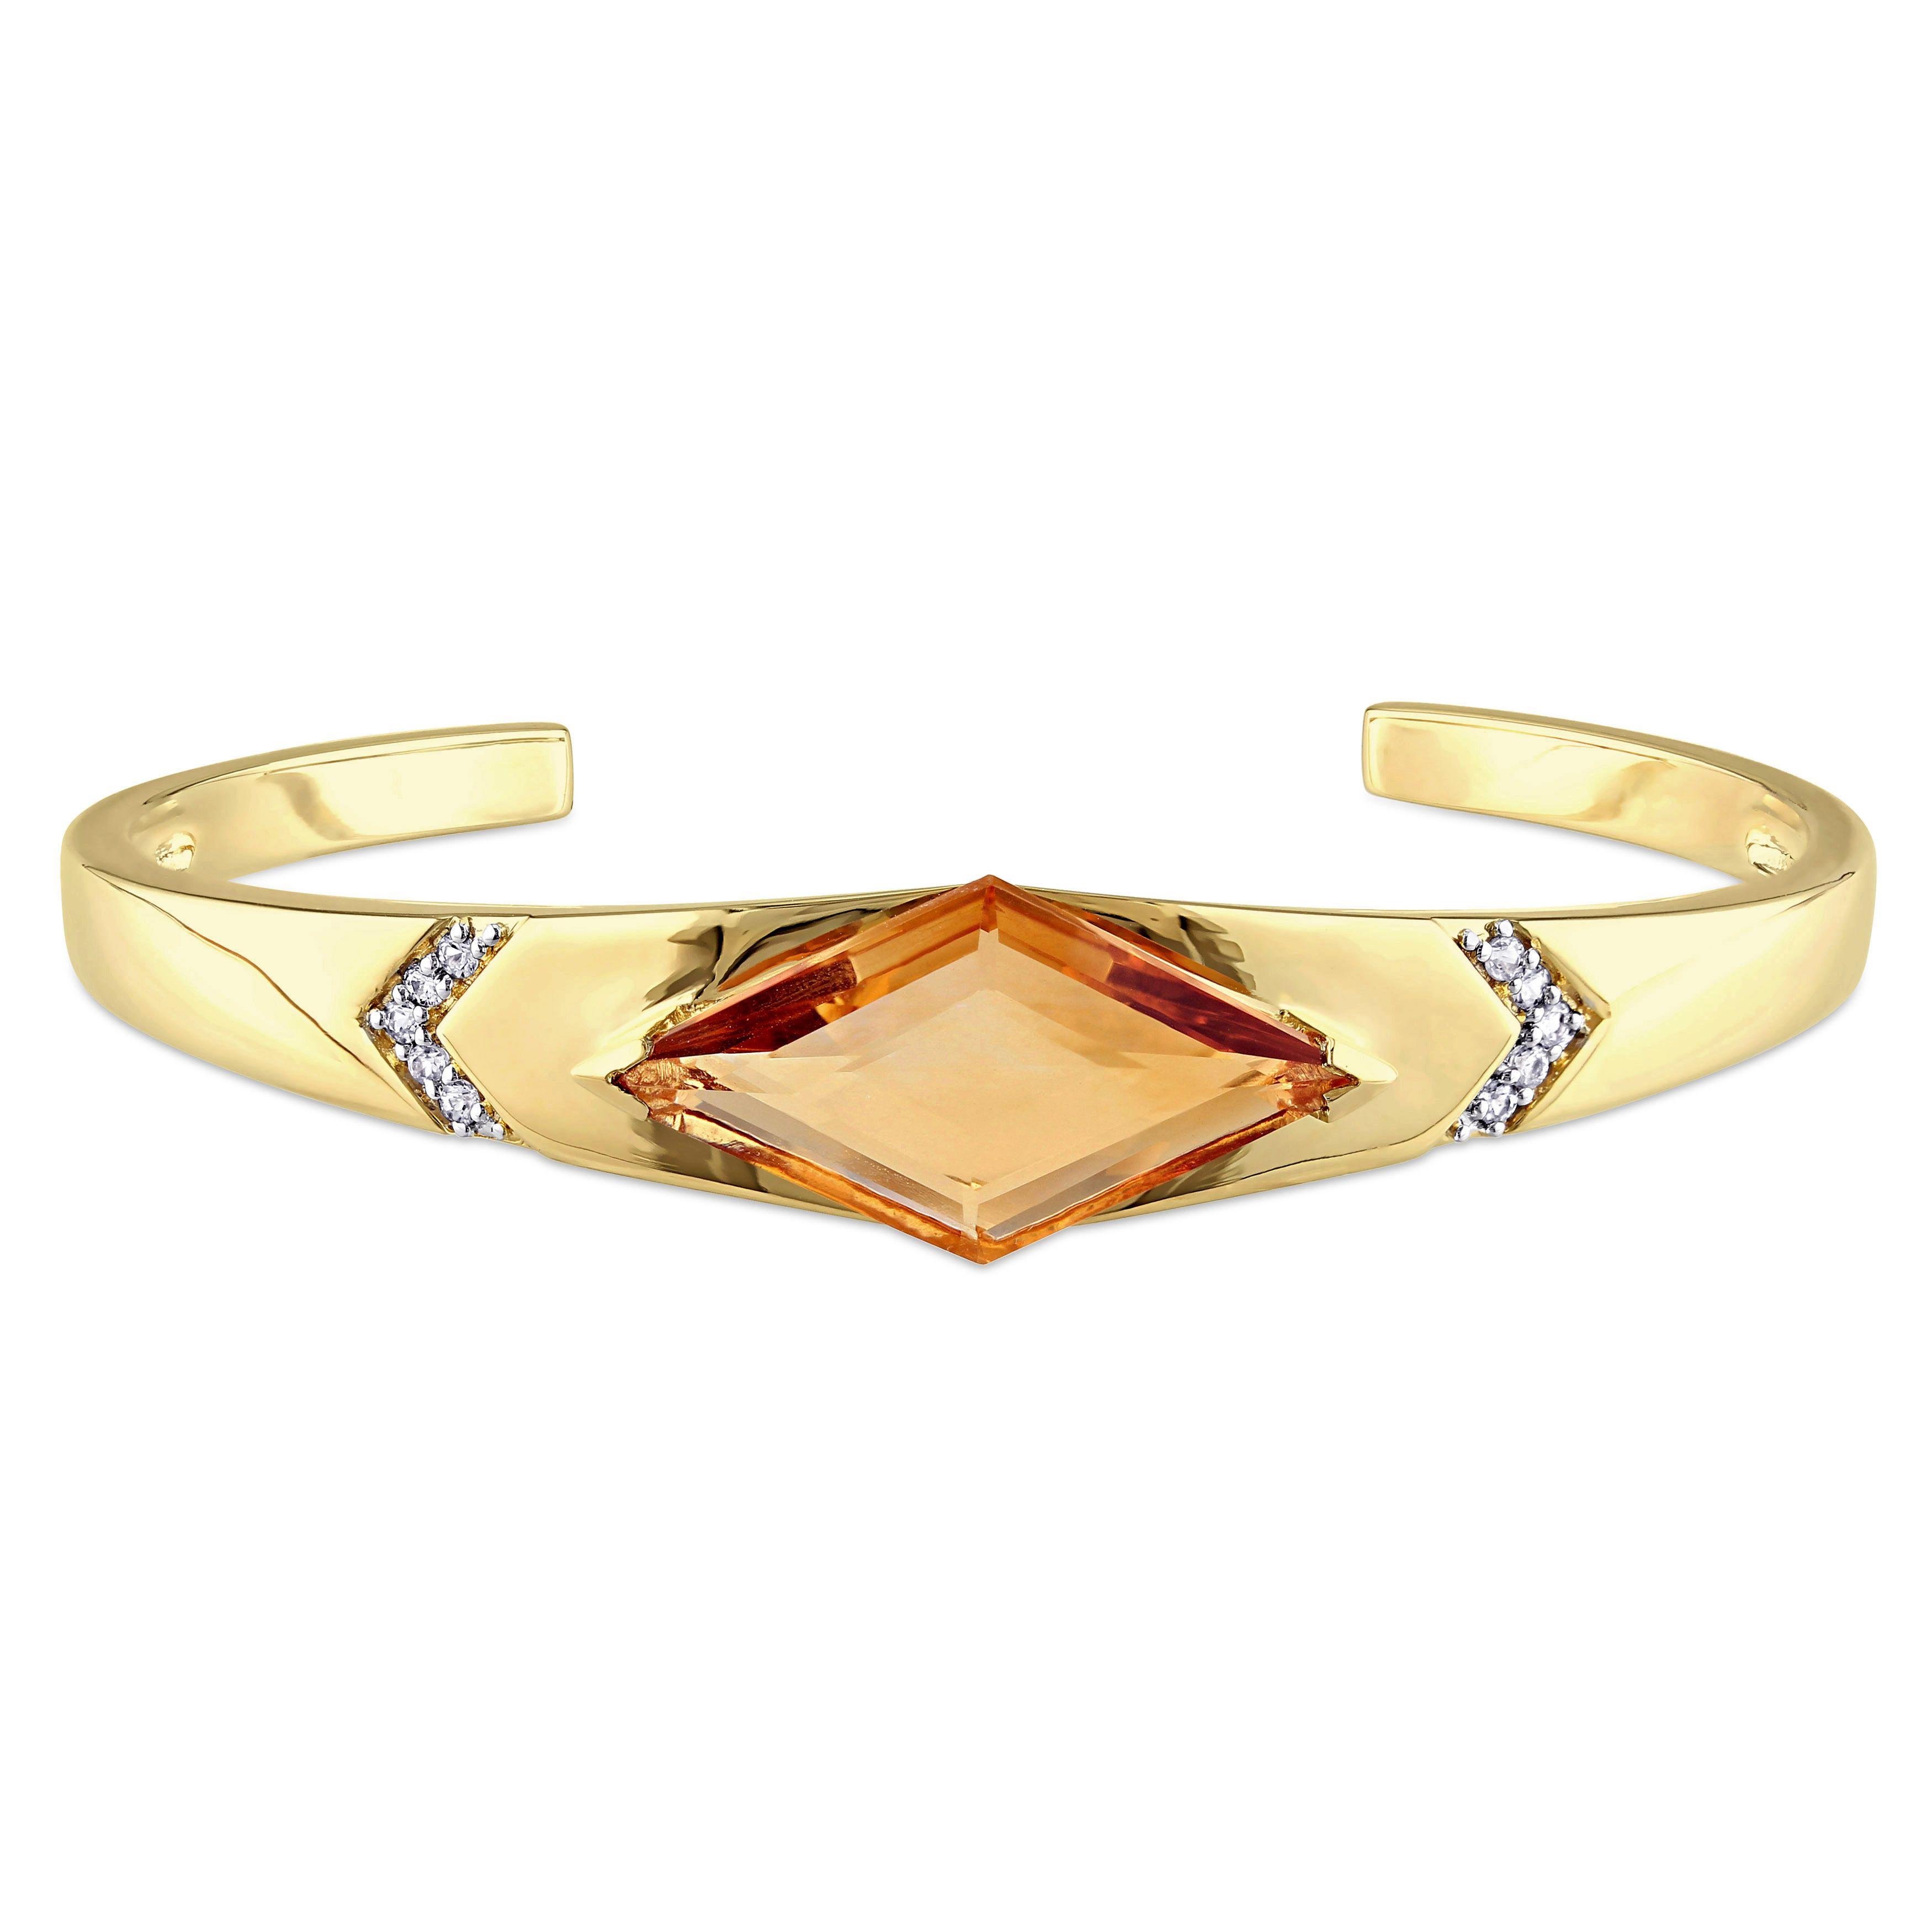 V italia citrine and white sapphire prism bangle bracelet in k